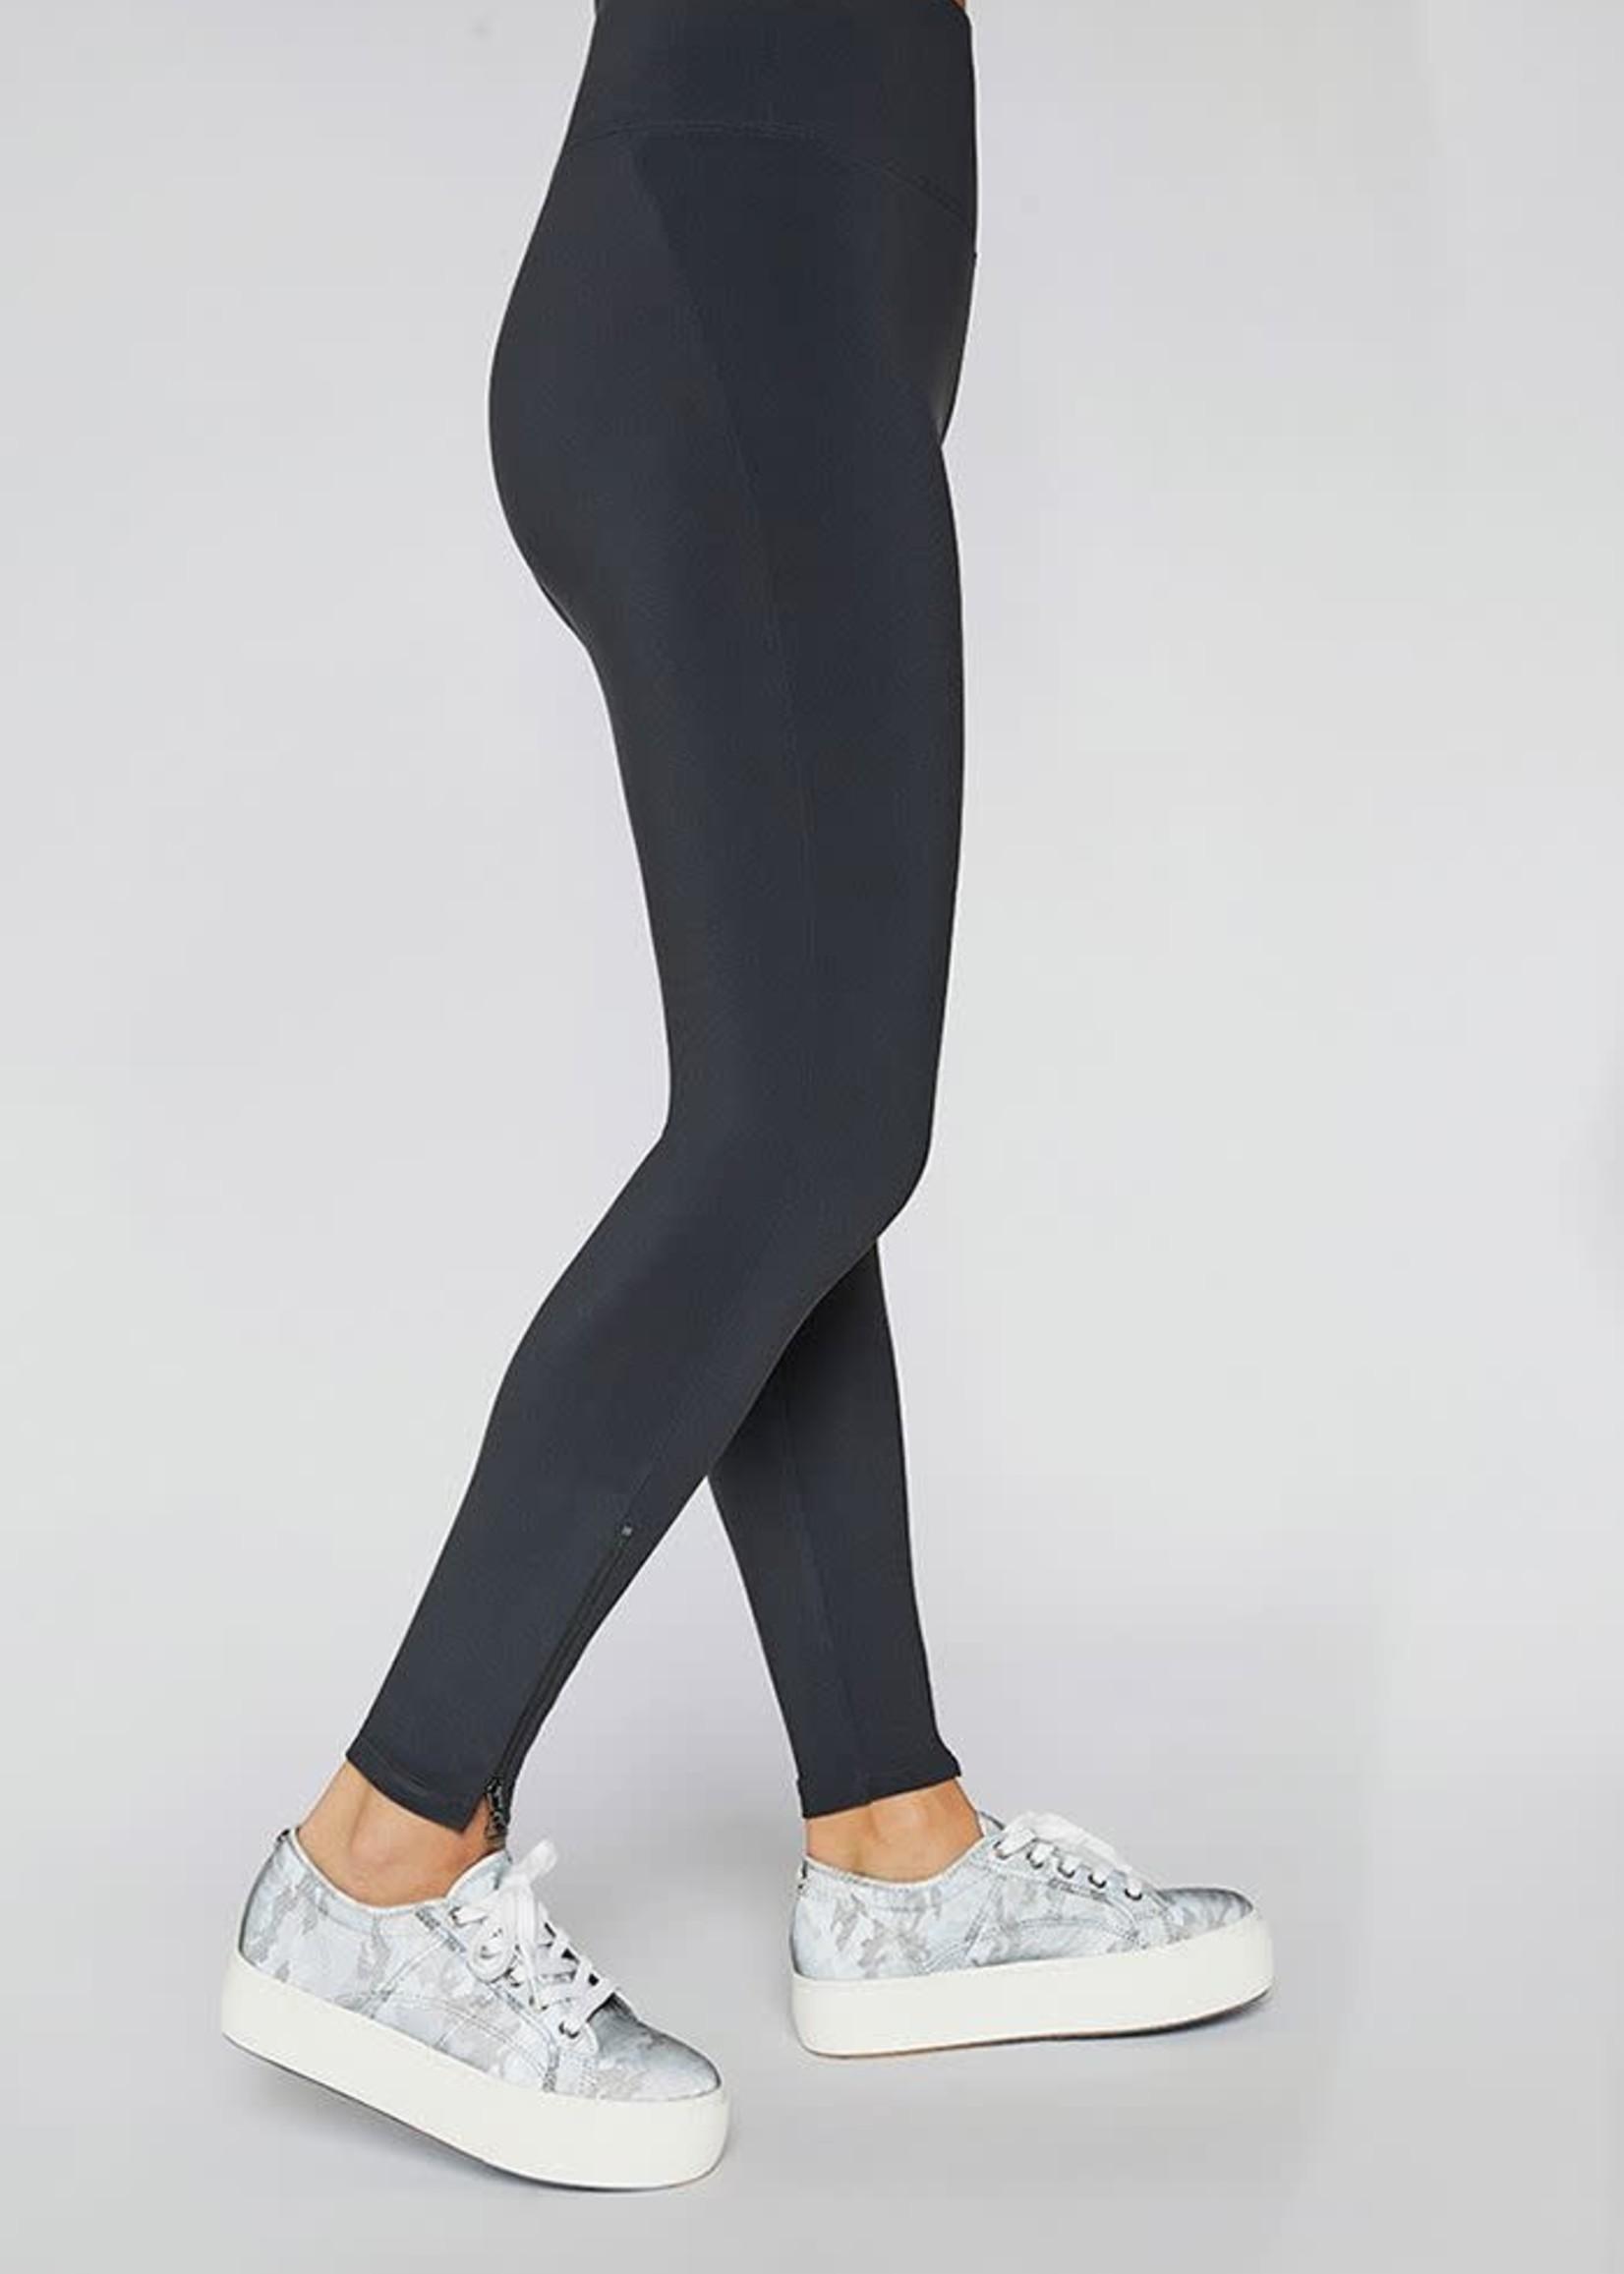 Sympli Sympli Zest Yoke Legging Graphite